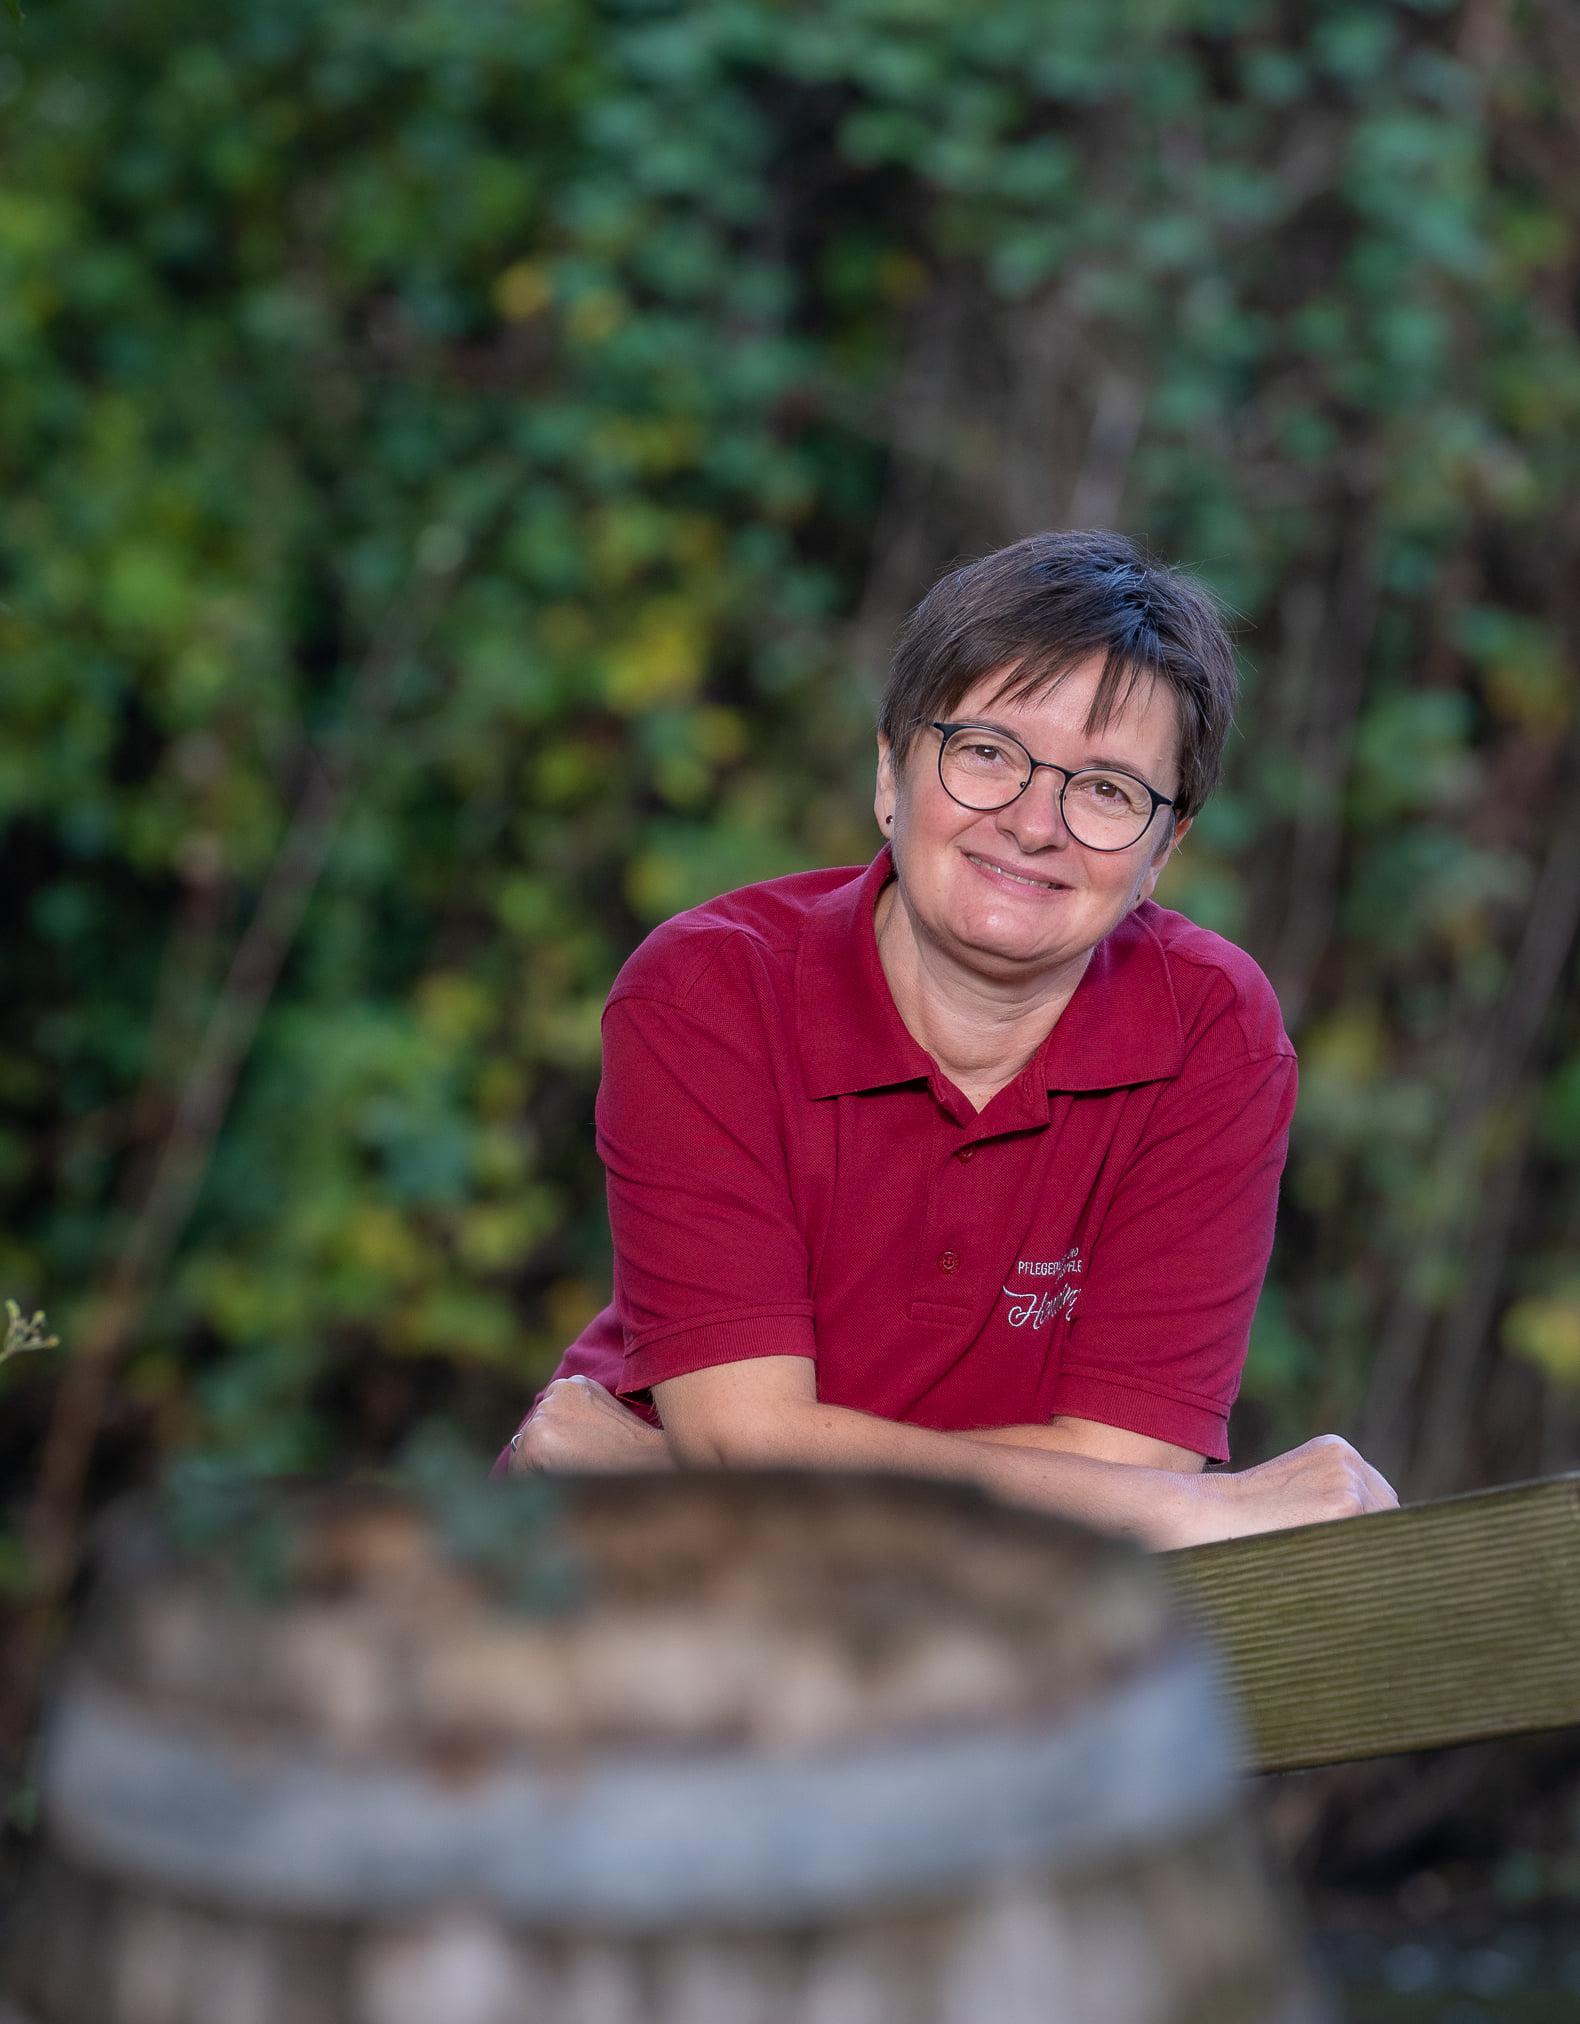 Frau Krawczyk - Pflegefachkraft